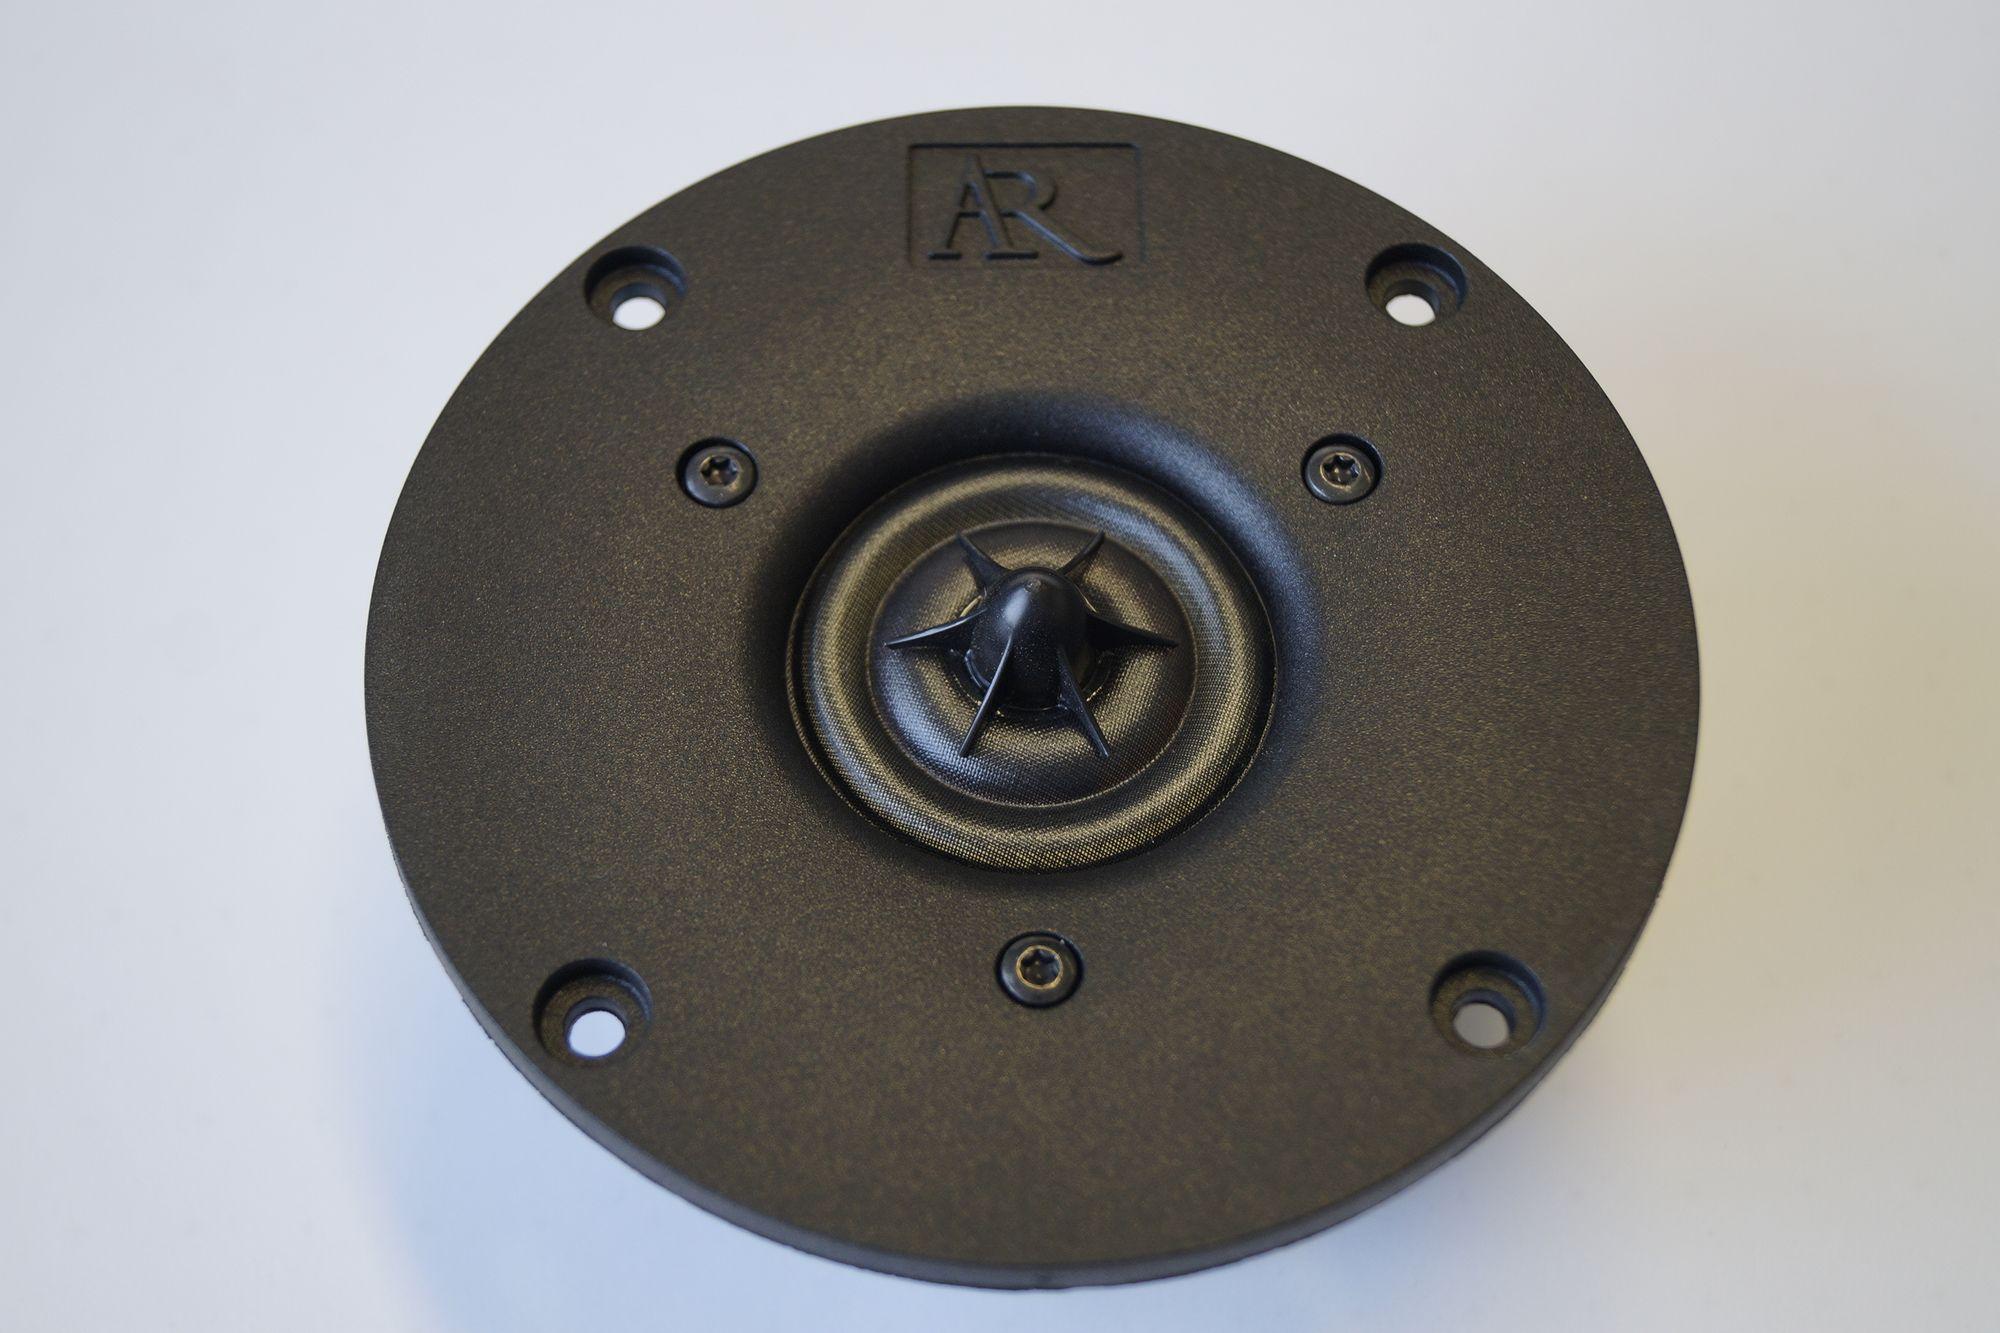 1 Stück 38 mm Ringradiator Vifa XT 25BG52-04 High End Hochtöner